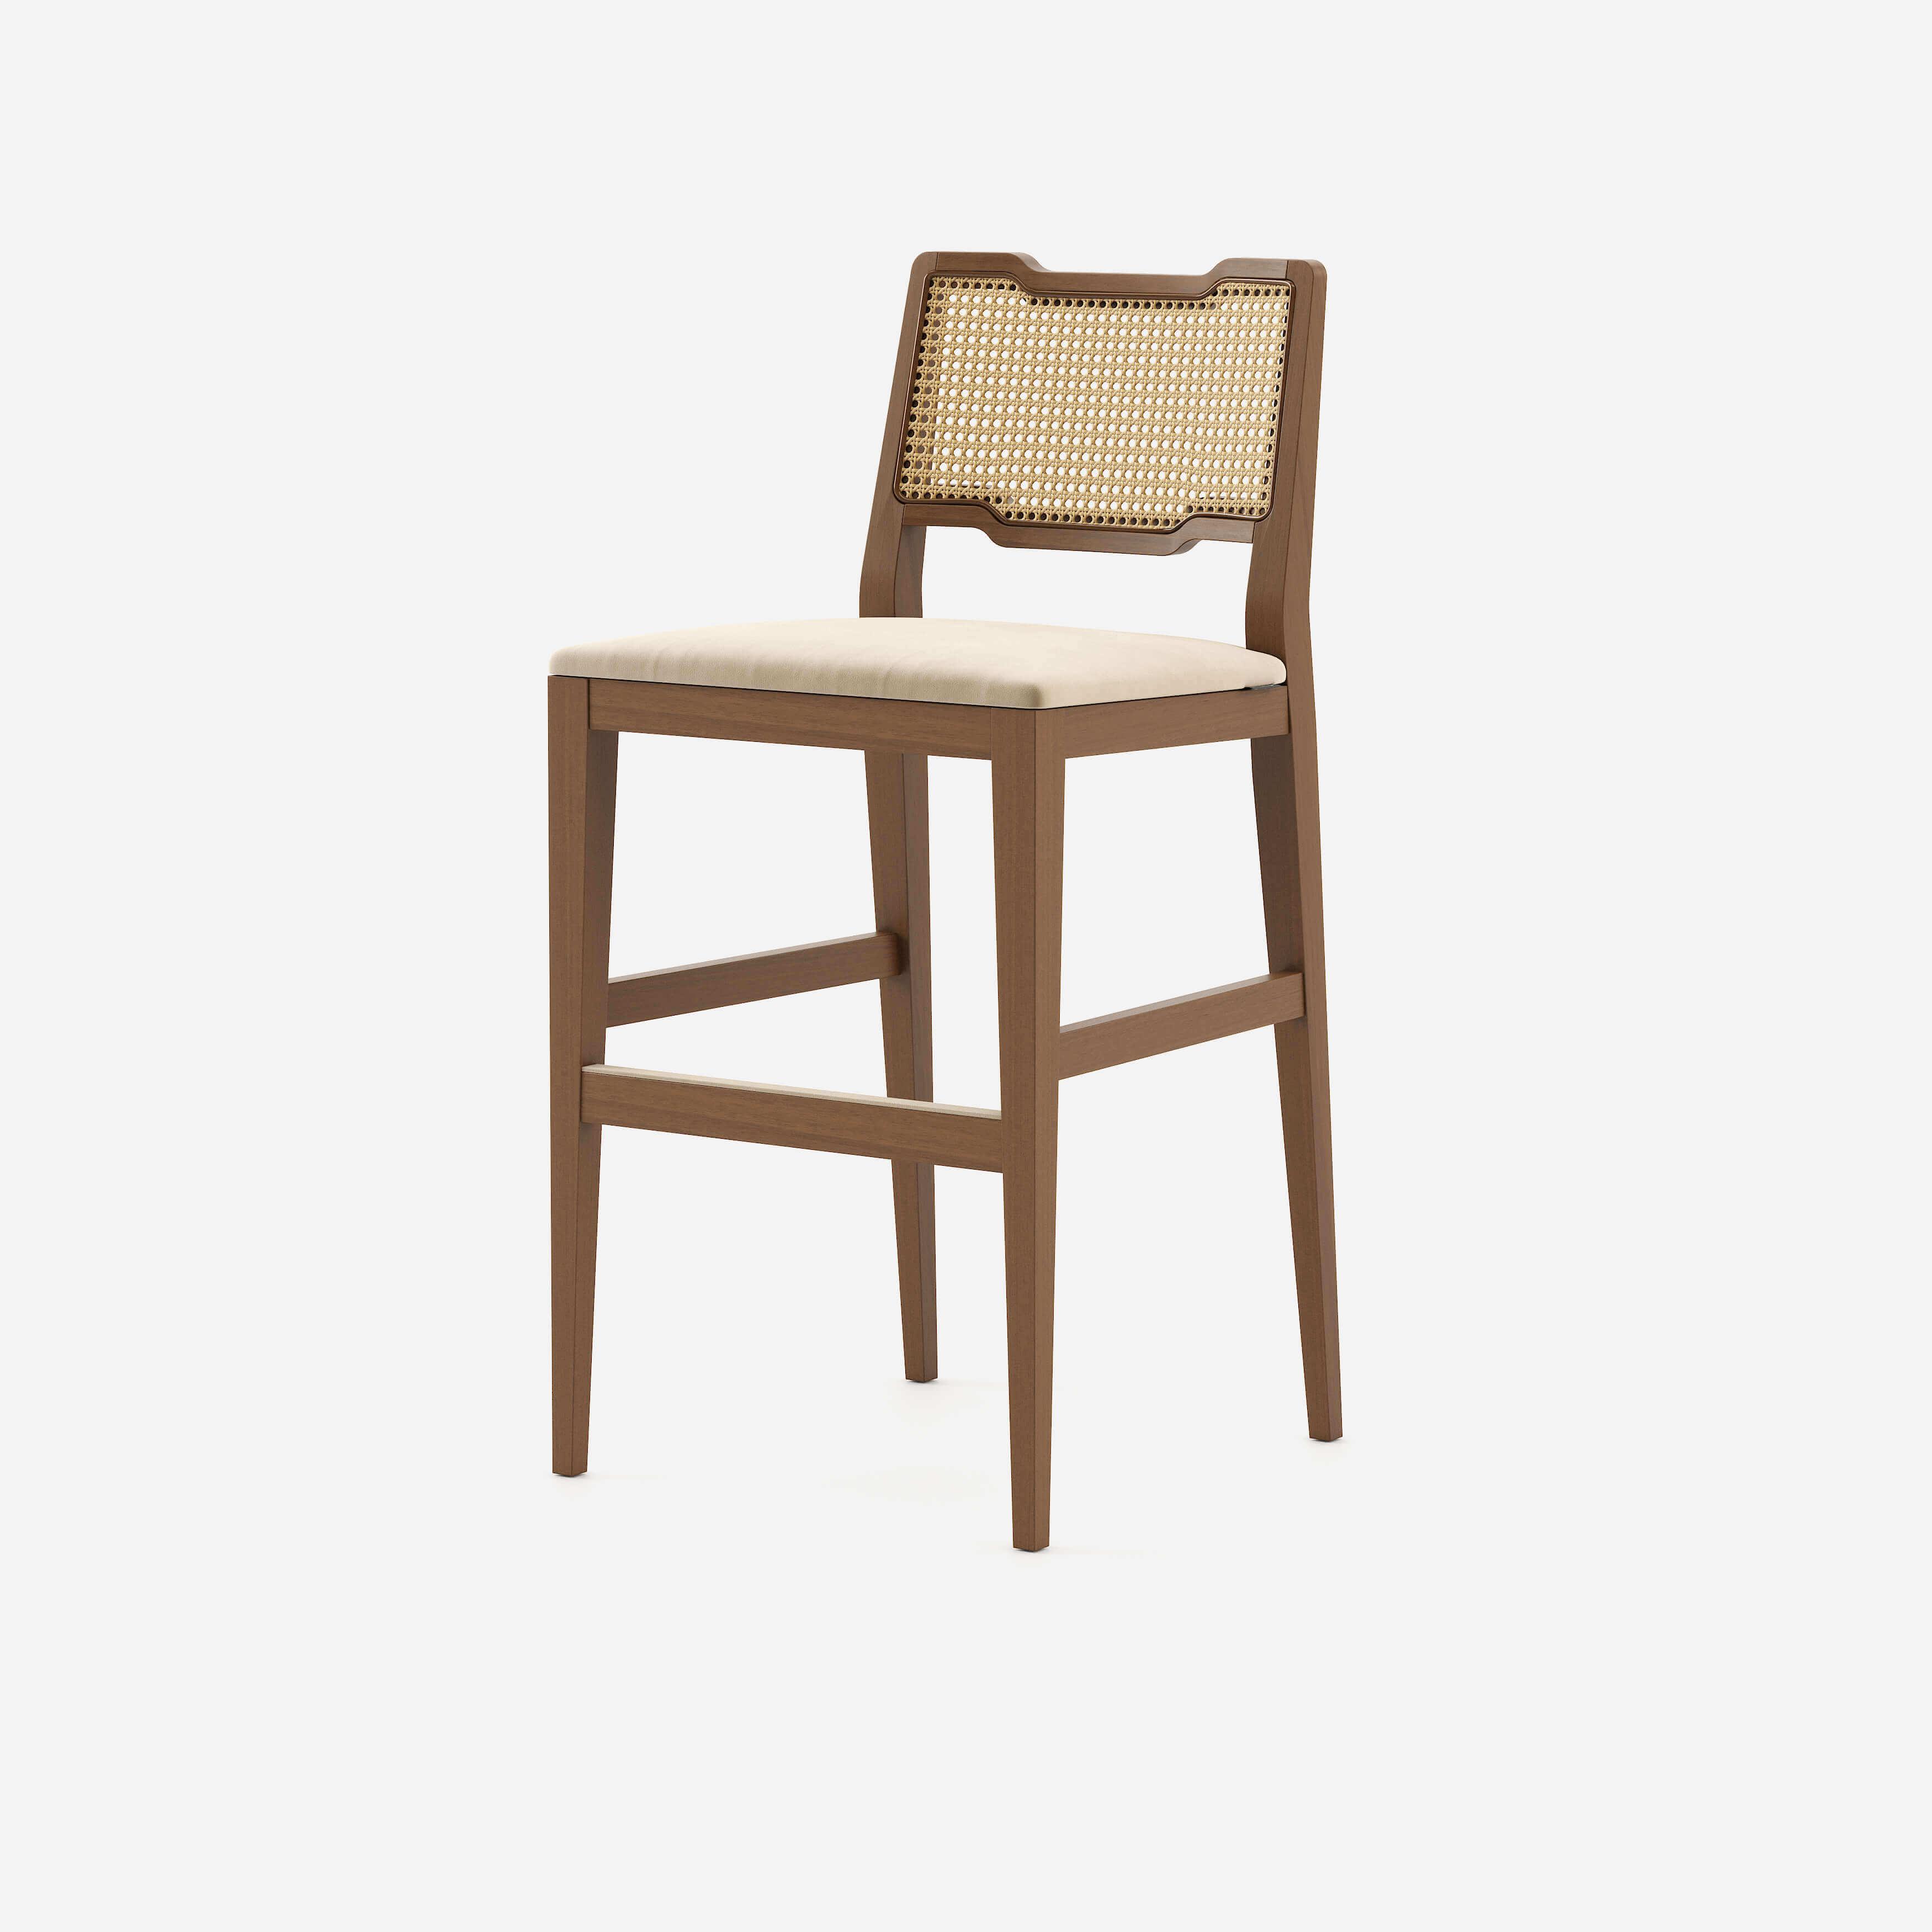 eva-bar-chair-interior-design-restaurant-bar-hotel-projects-cane-furniture-surface-domkapa-1